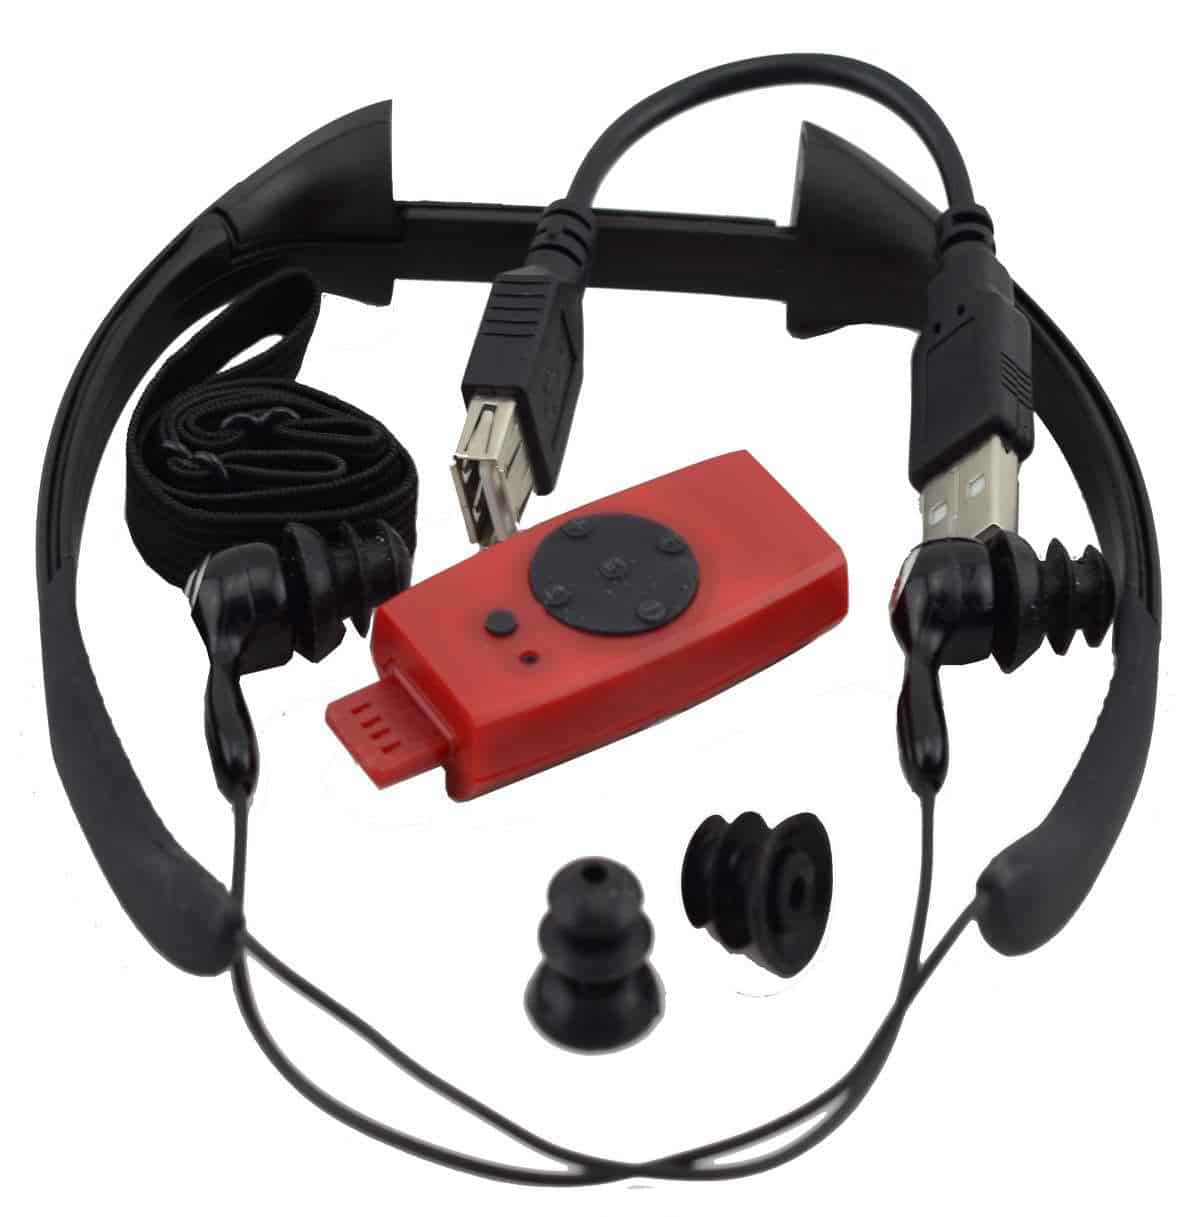 Supershop 4GB Waterproof MP3 Player